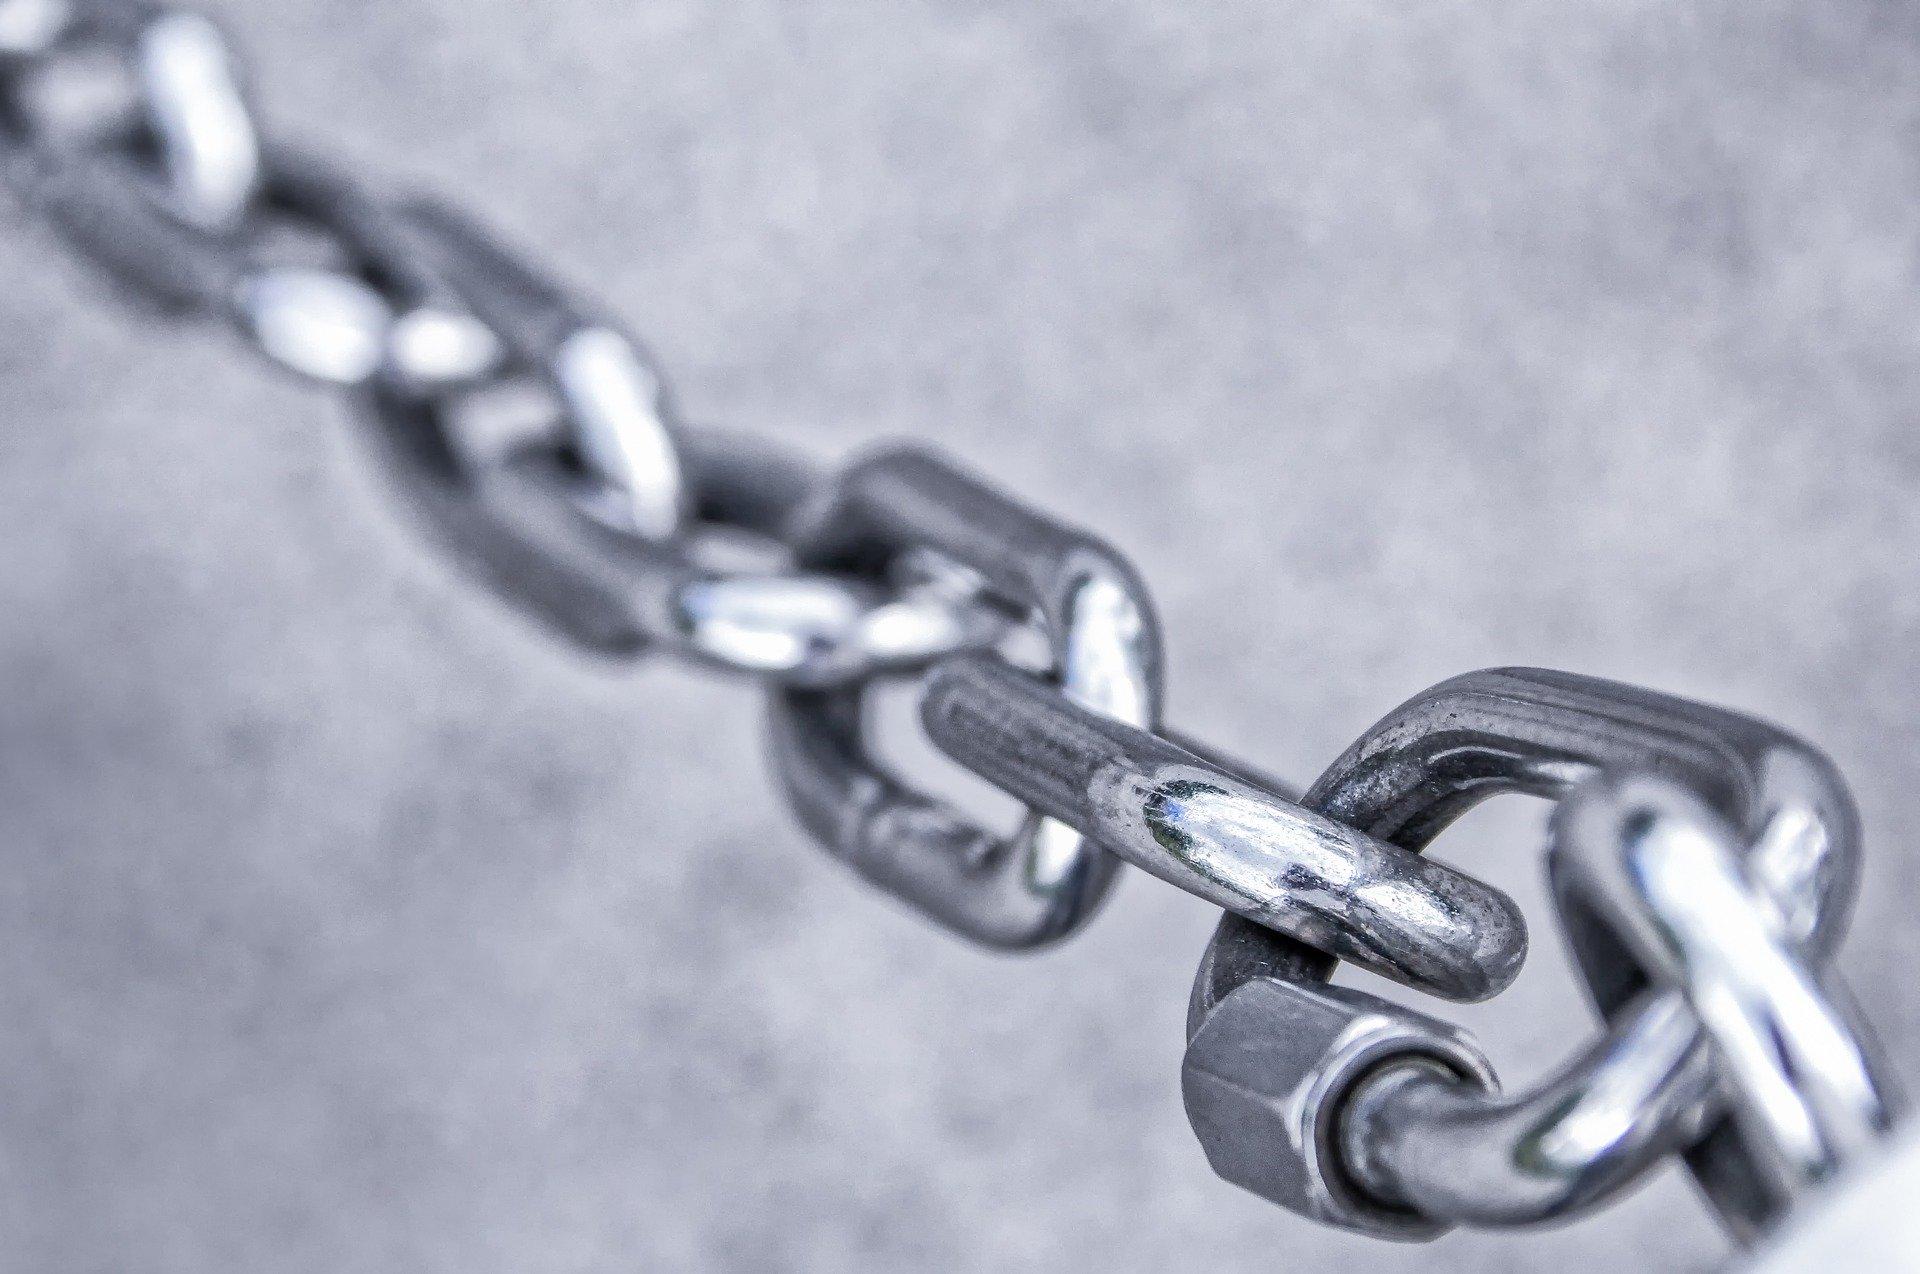 Chain-1